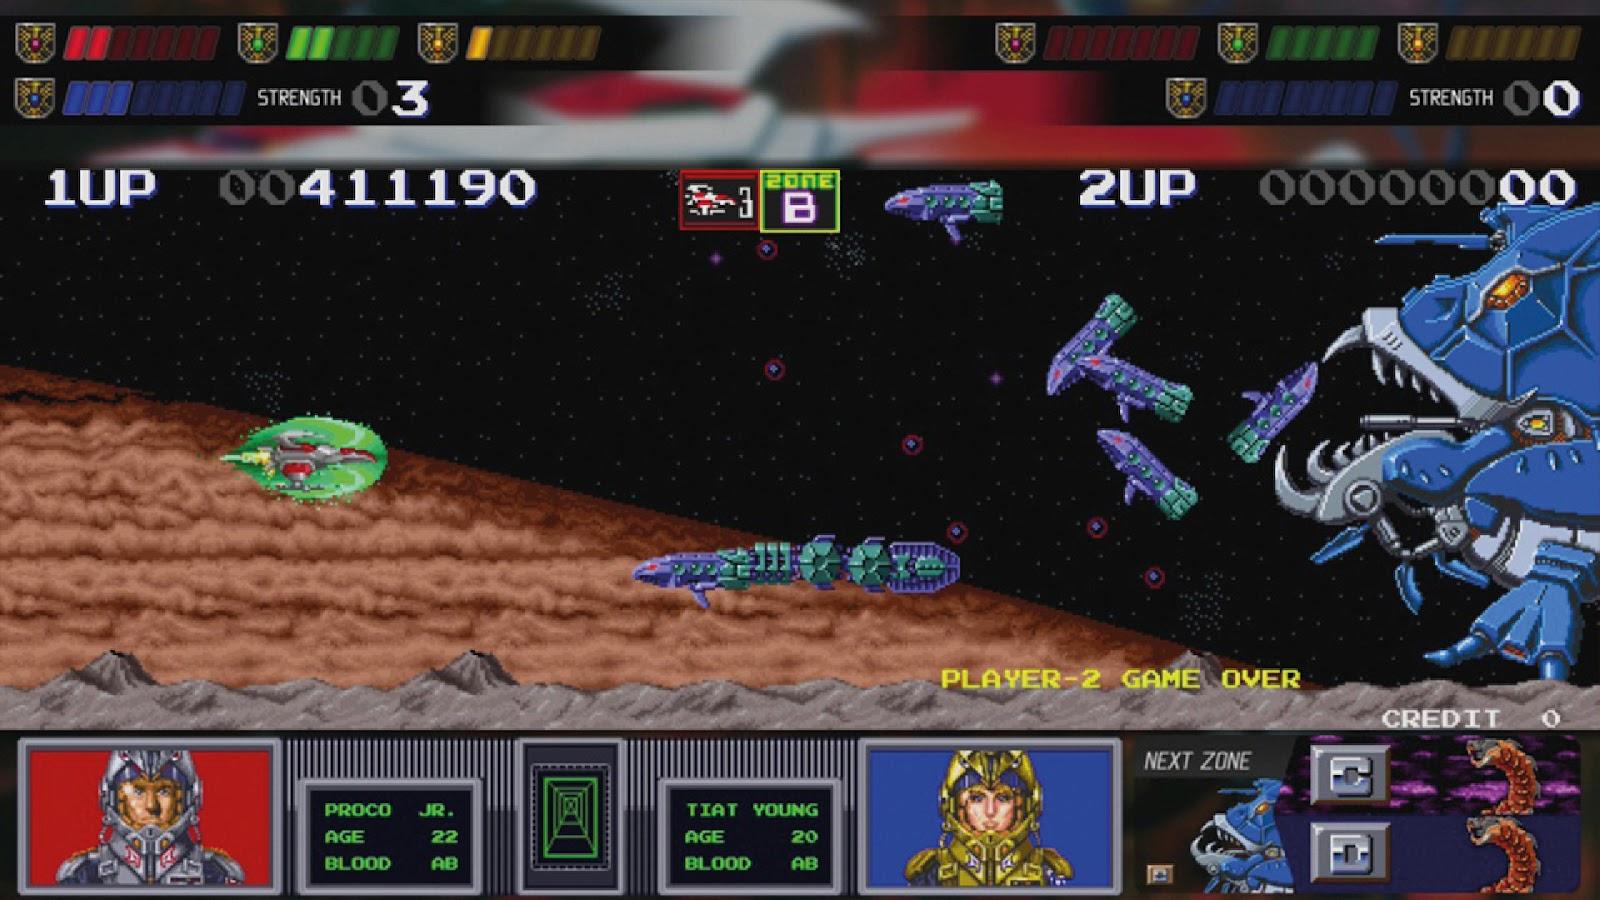 Arcade collection screen